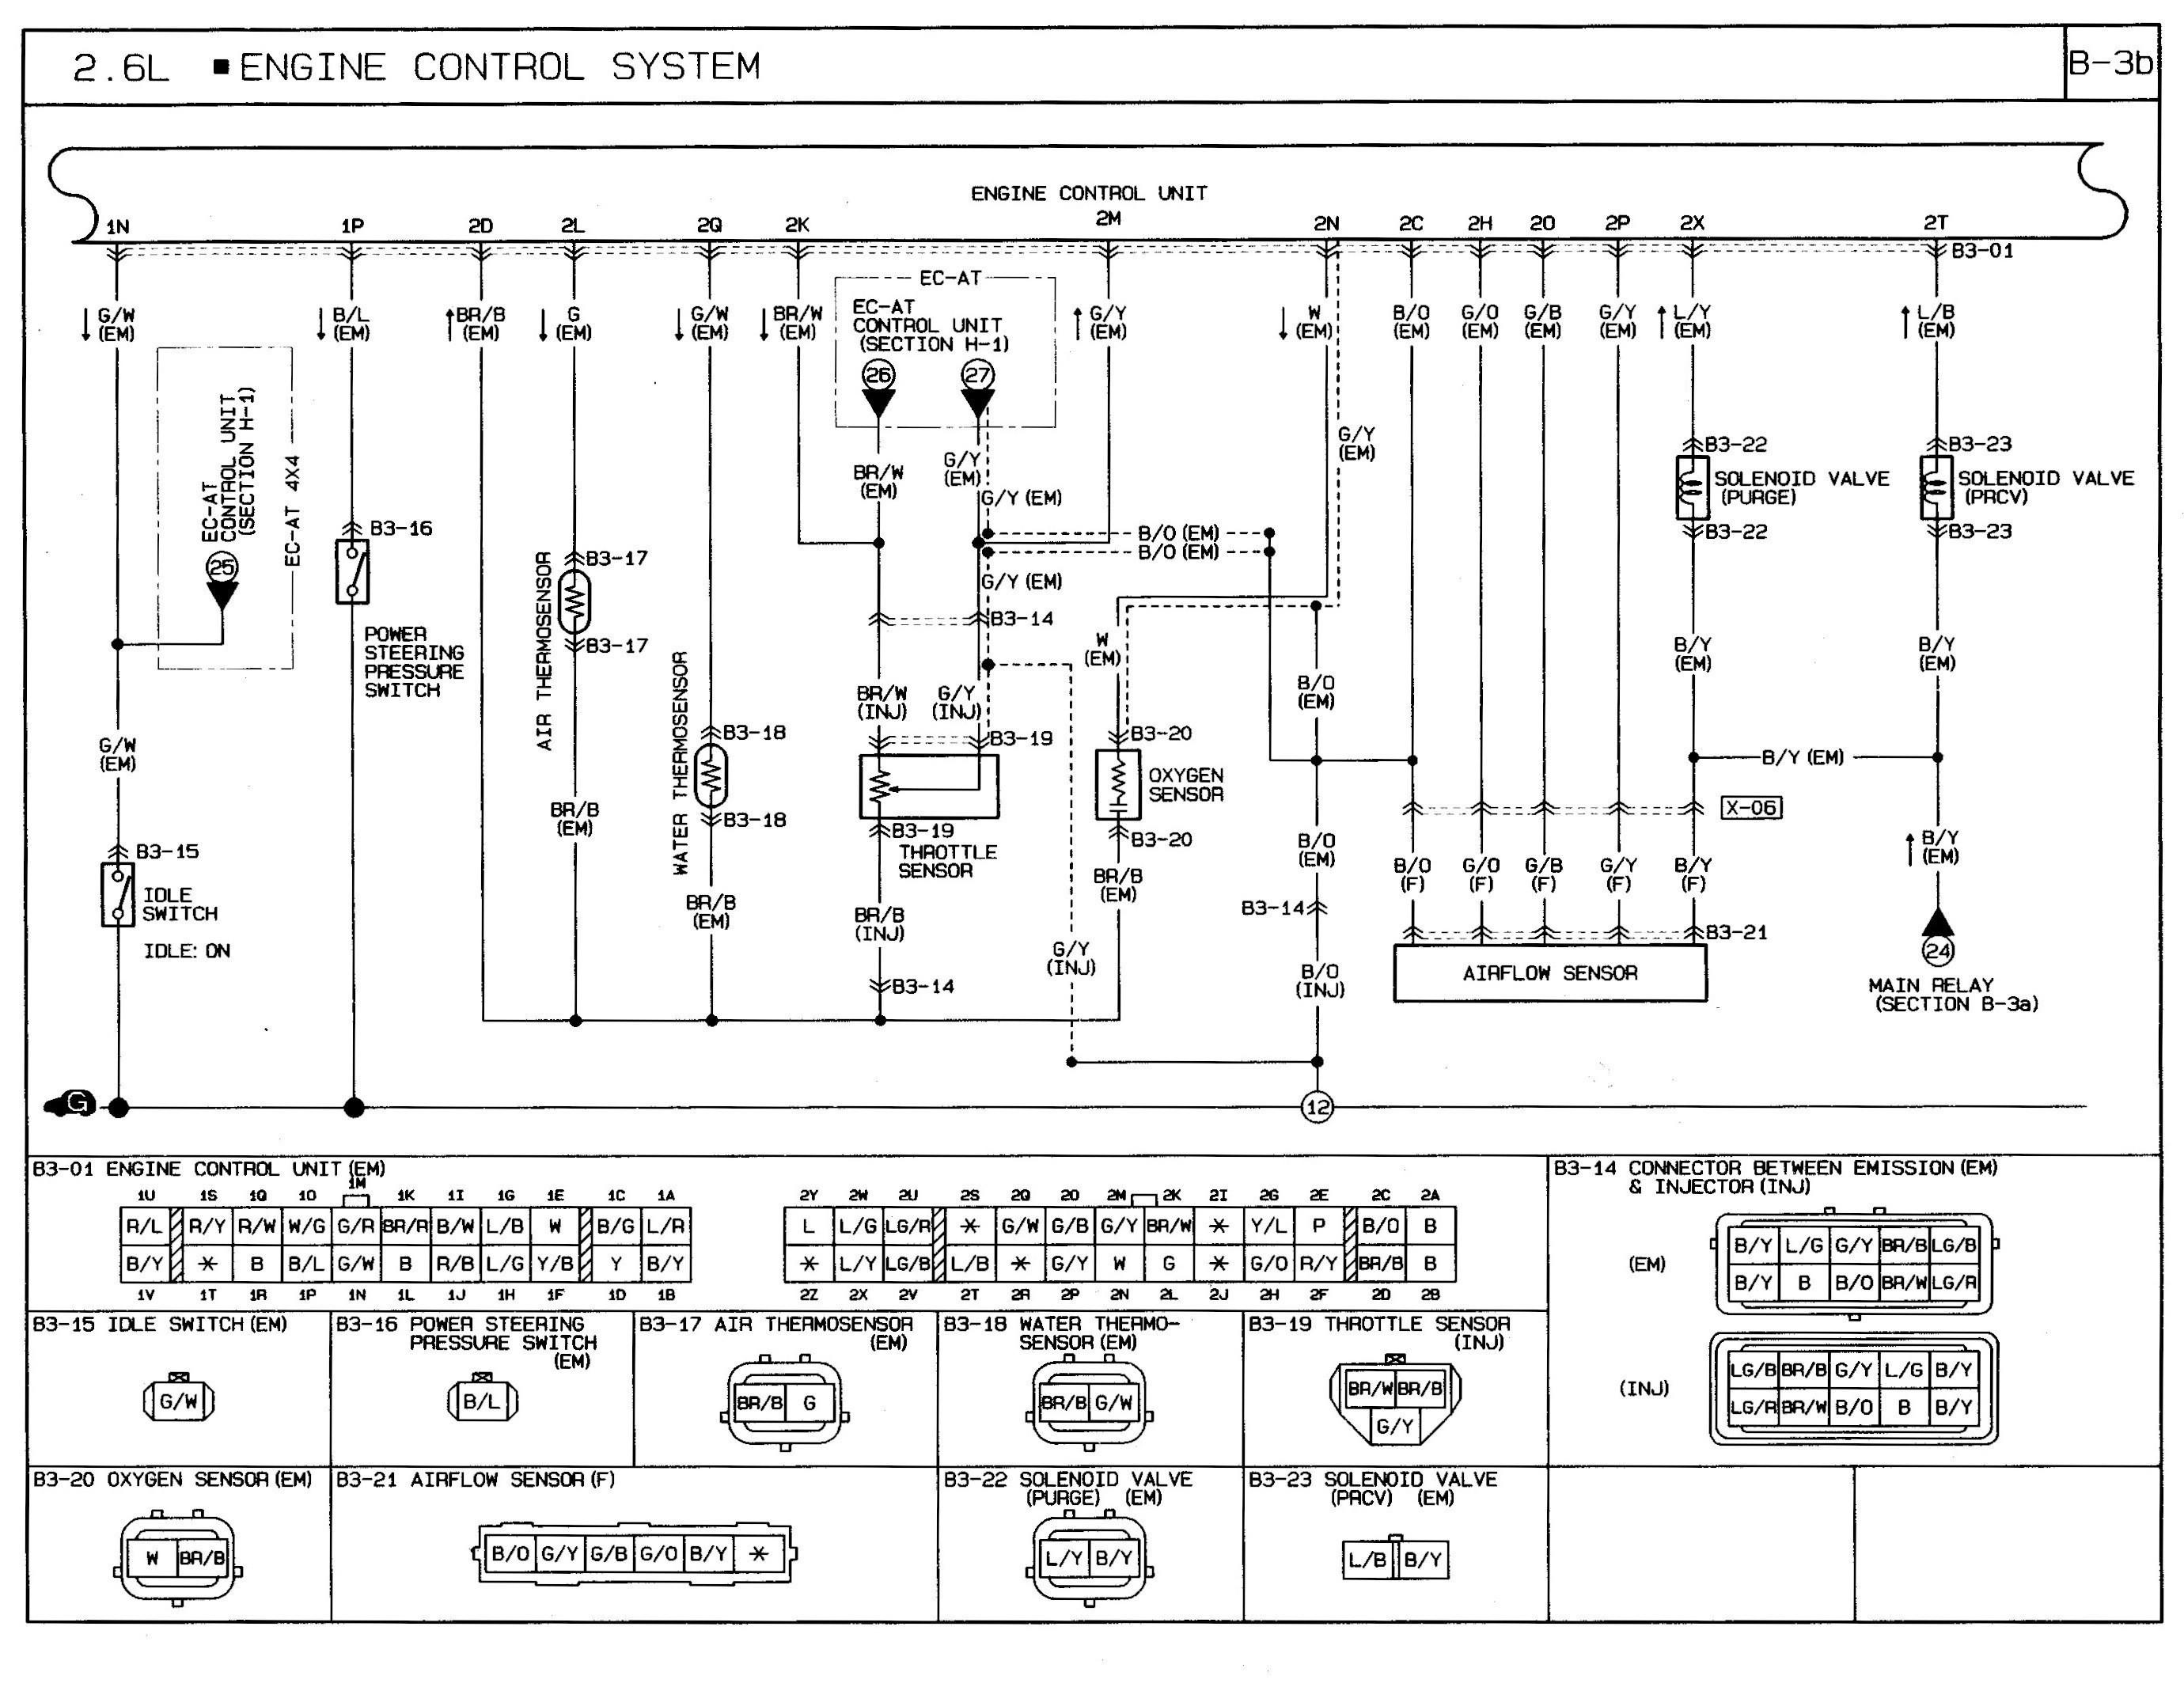 Wirin Diagram Of toyota Corolla 2005 2010 Mazda 2 Wiring Schematics Wiring Diagram Schematic Of Wirin Diagram Of toyota Corolla 2005